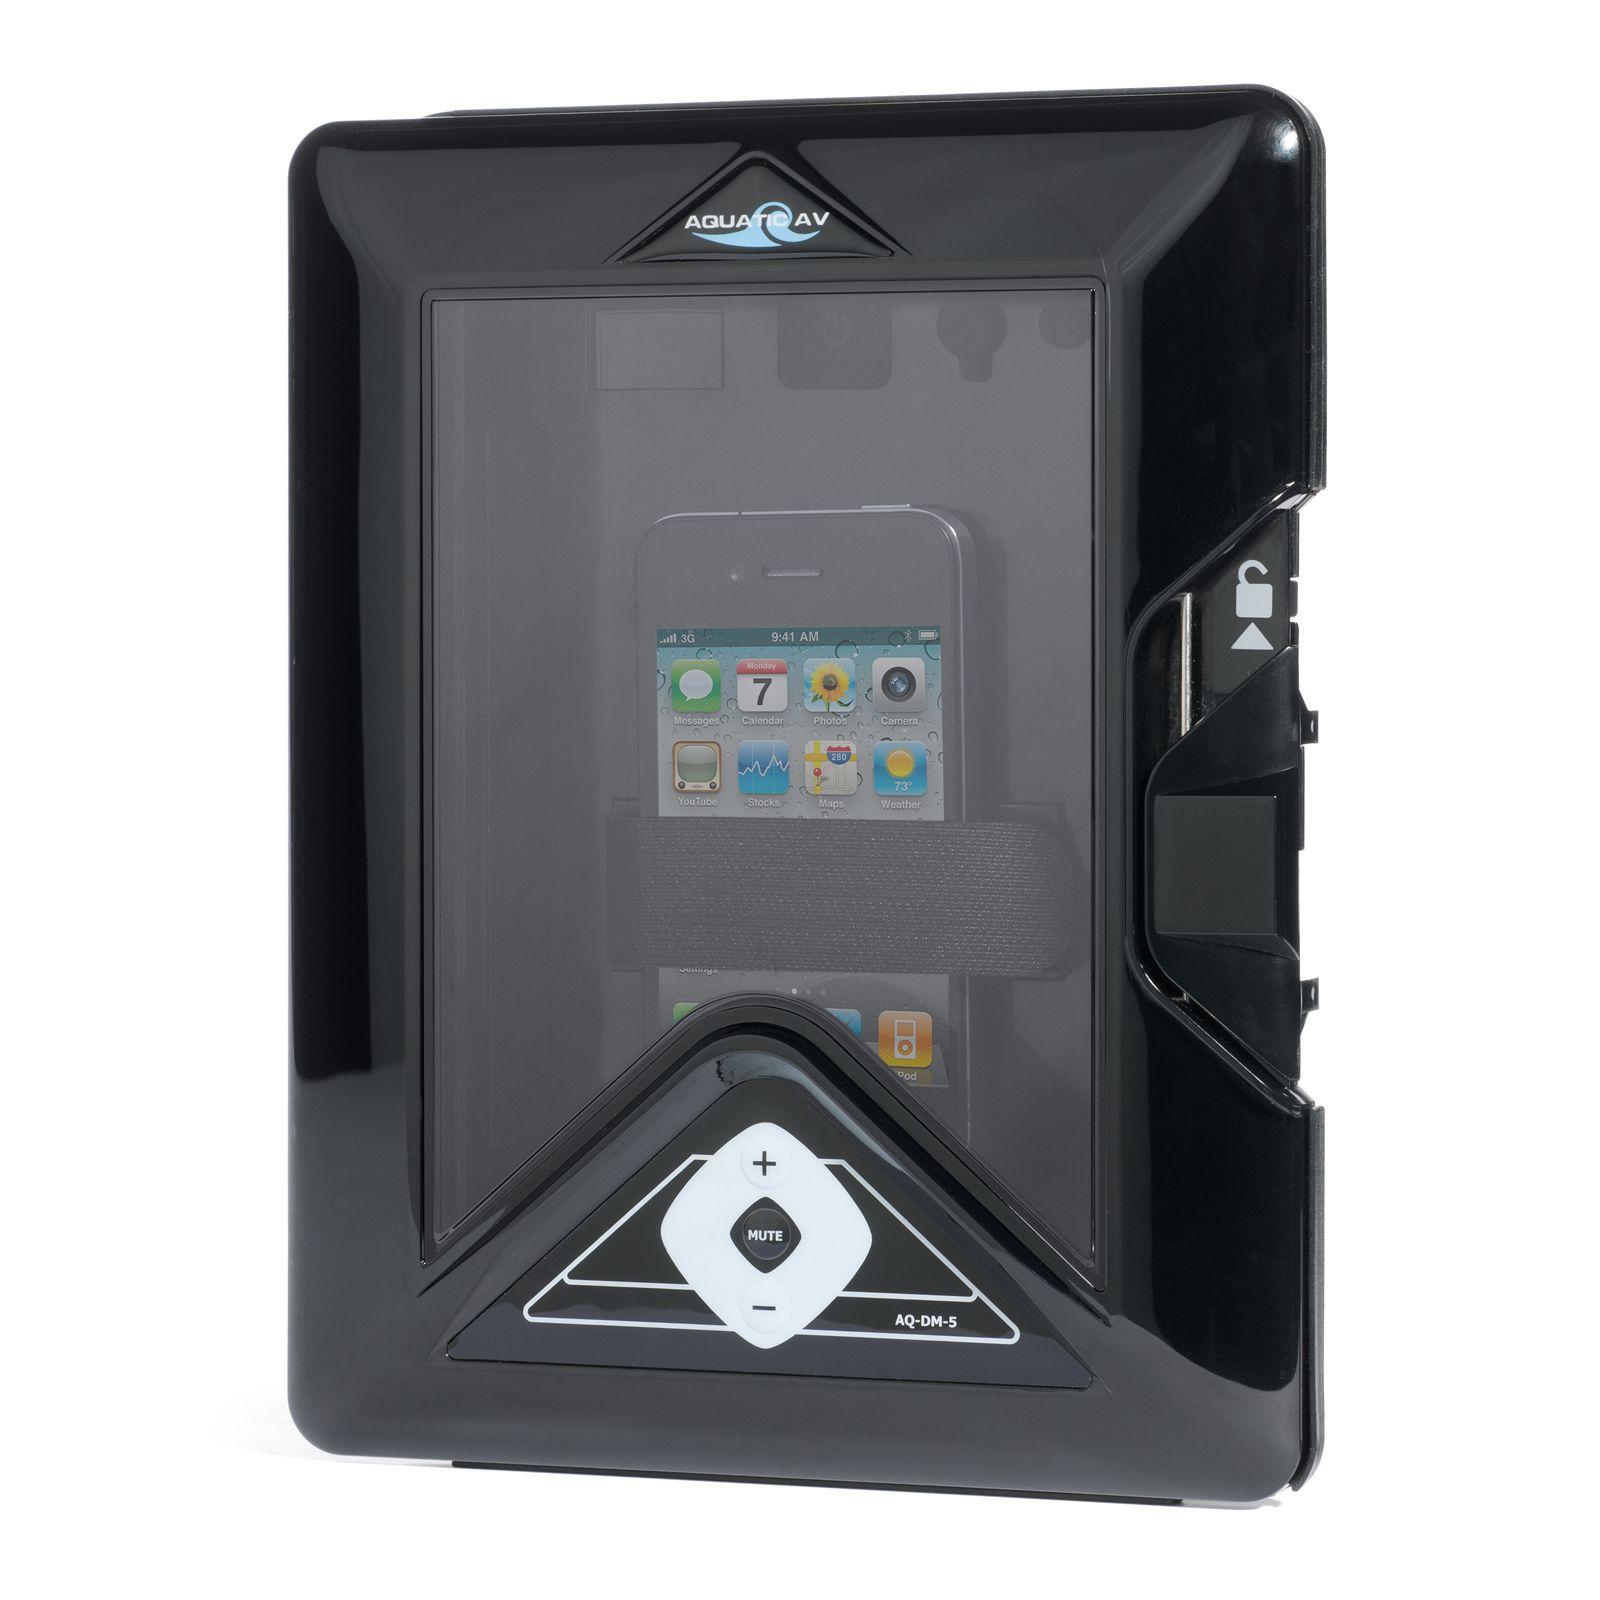 Aquatic AV AQ-DM-5UBT Digital Media Locker Waterproof Marine Stereo ...